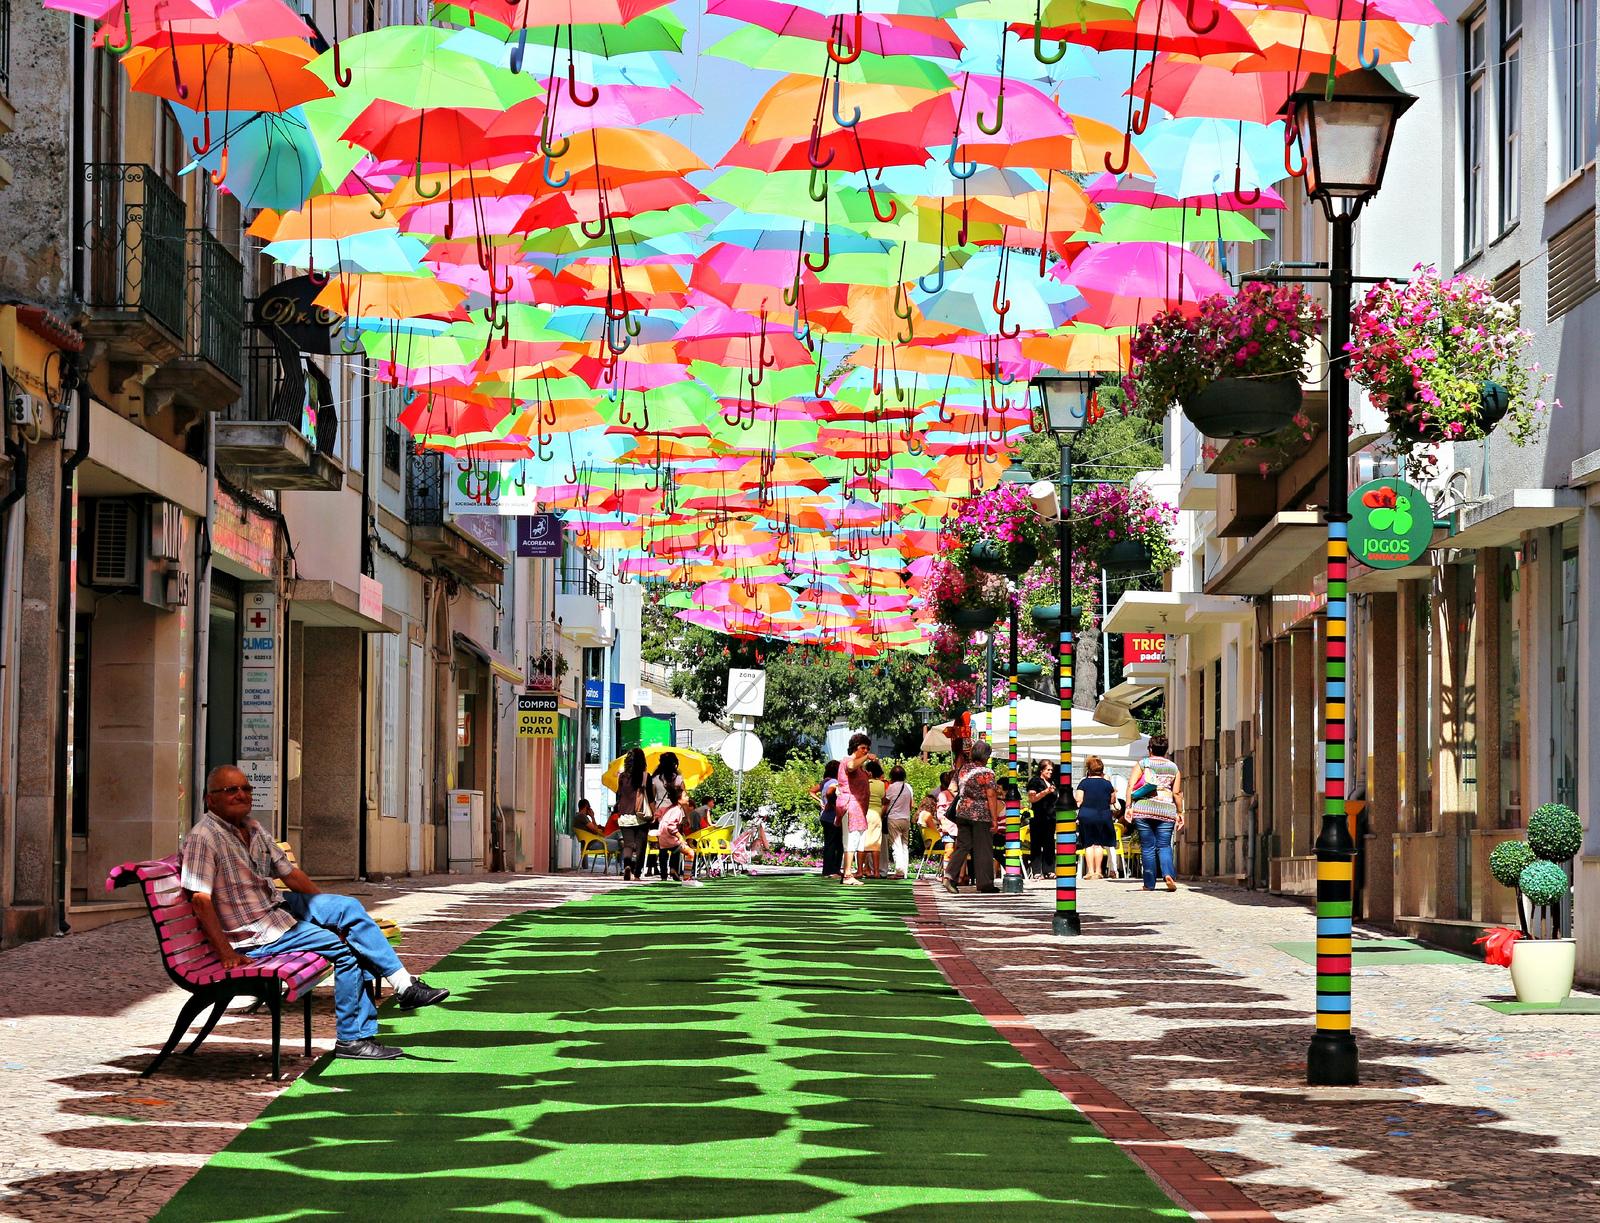 Umbrella Sky - Art Installation